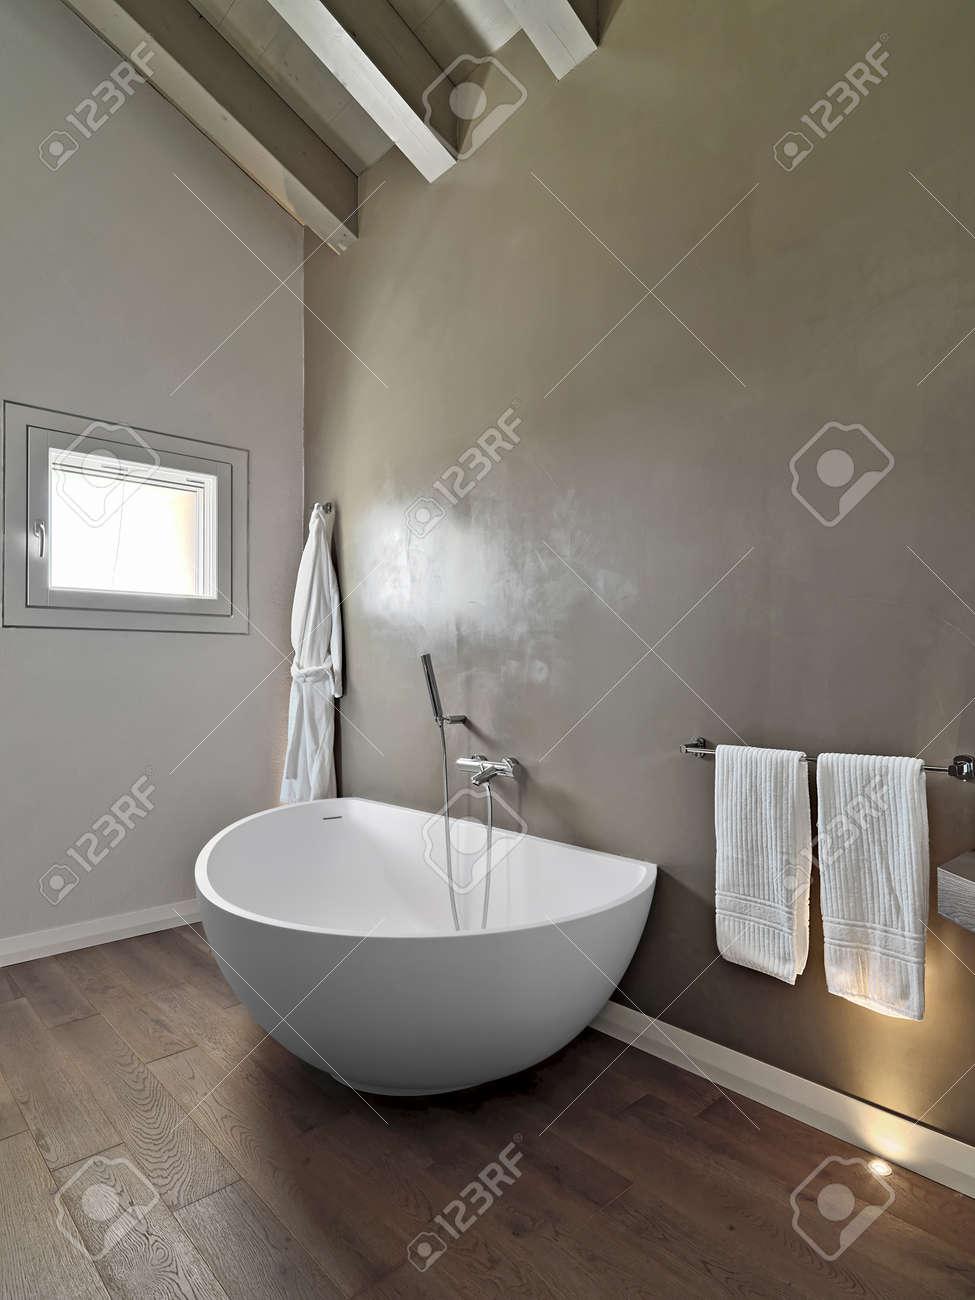 D Tail D Une Baignoire Moderne Dans Une Salle De Bains Dans La